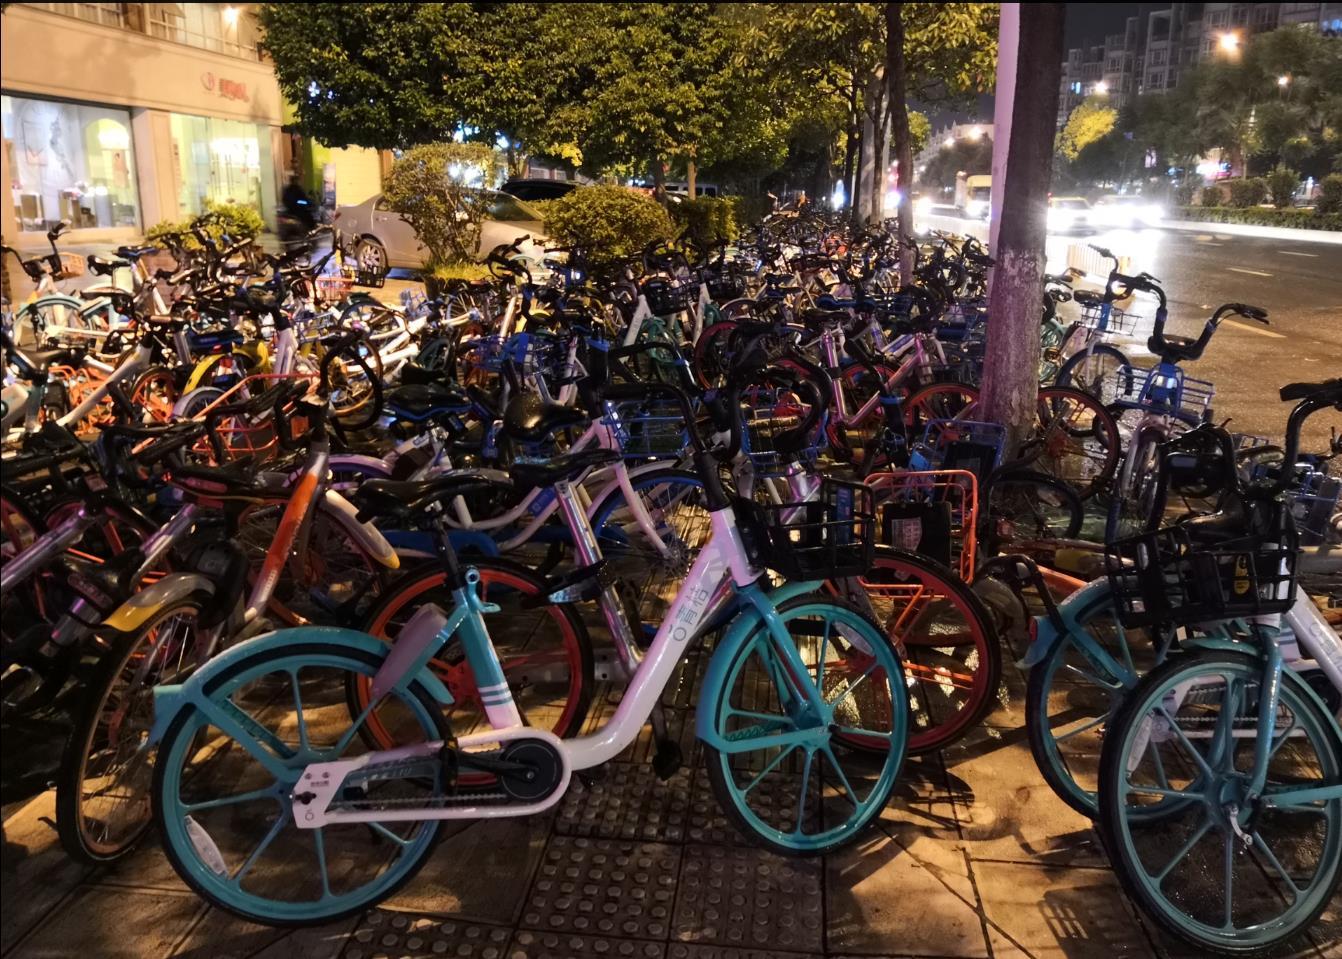 OFO连续2个月考核垫底 昆明市场将封存1万辆共享单车